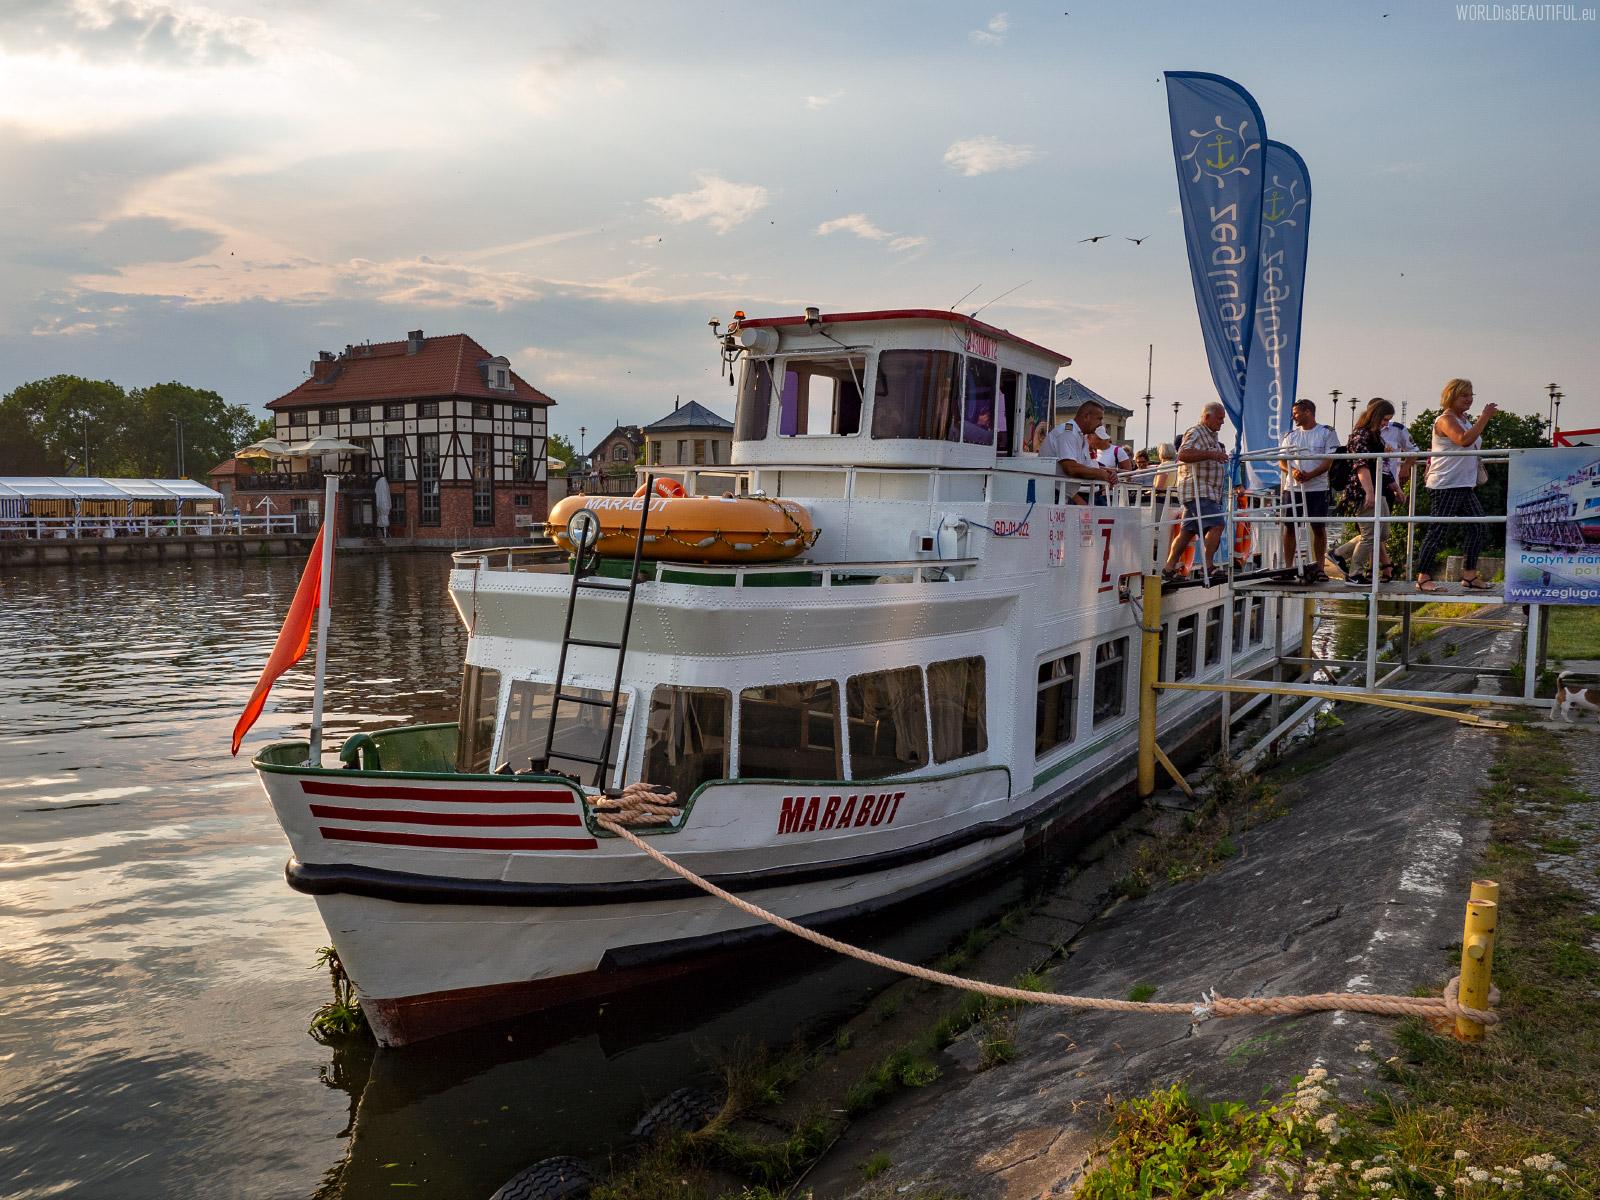 Passenger Shipping Harbor in Elbląg